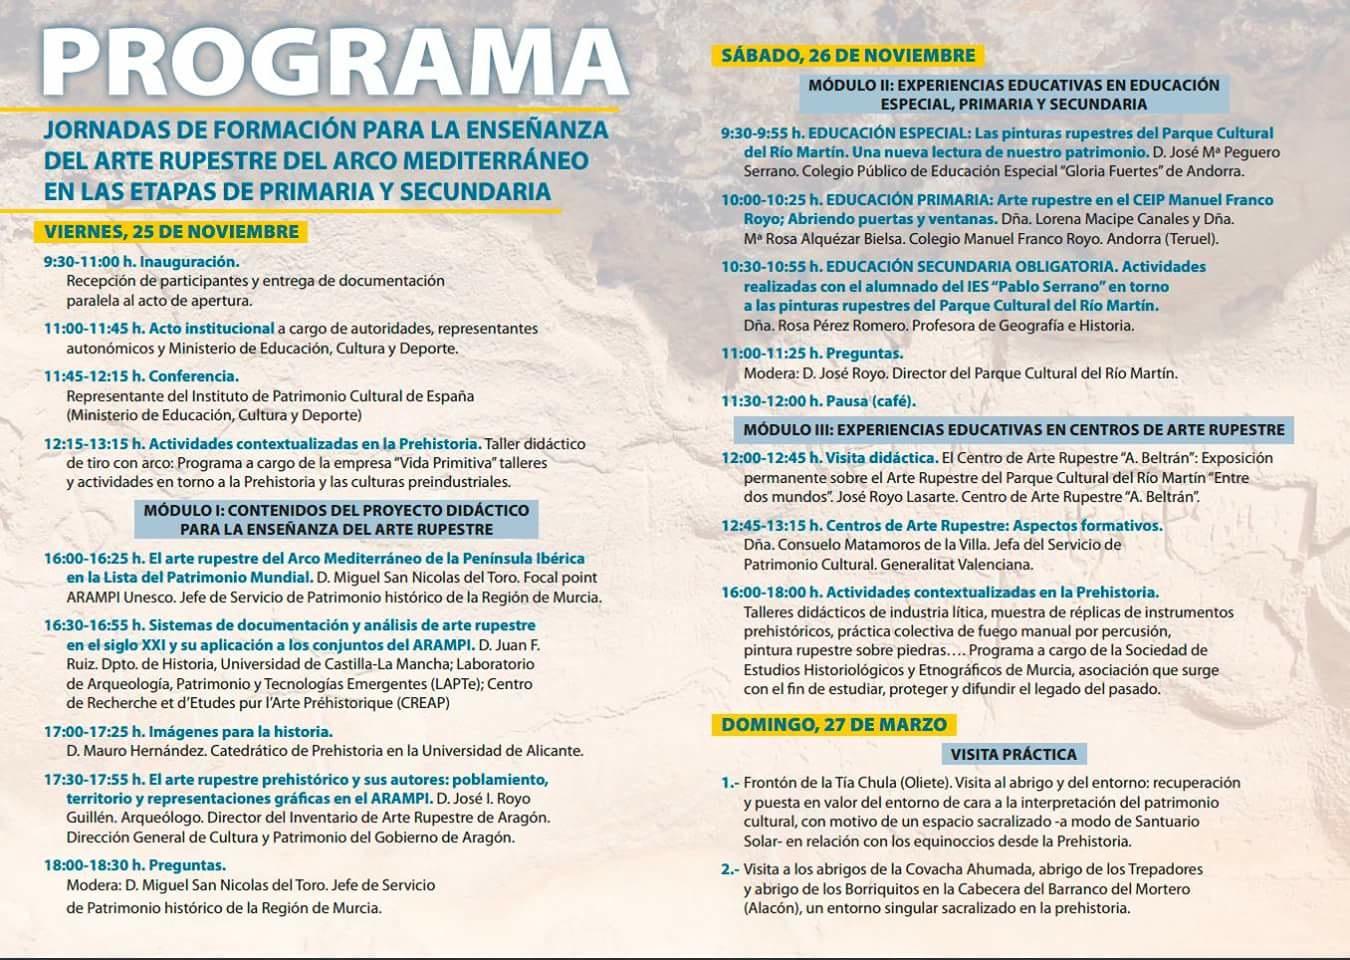 Programa de las Jornadas de Formación para la Enseñanza del Arte Rupestre del Arco Mediterráneo en Primaria y Secundaria